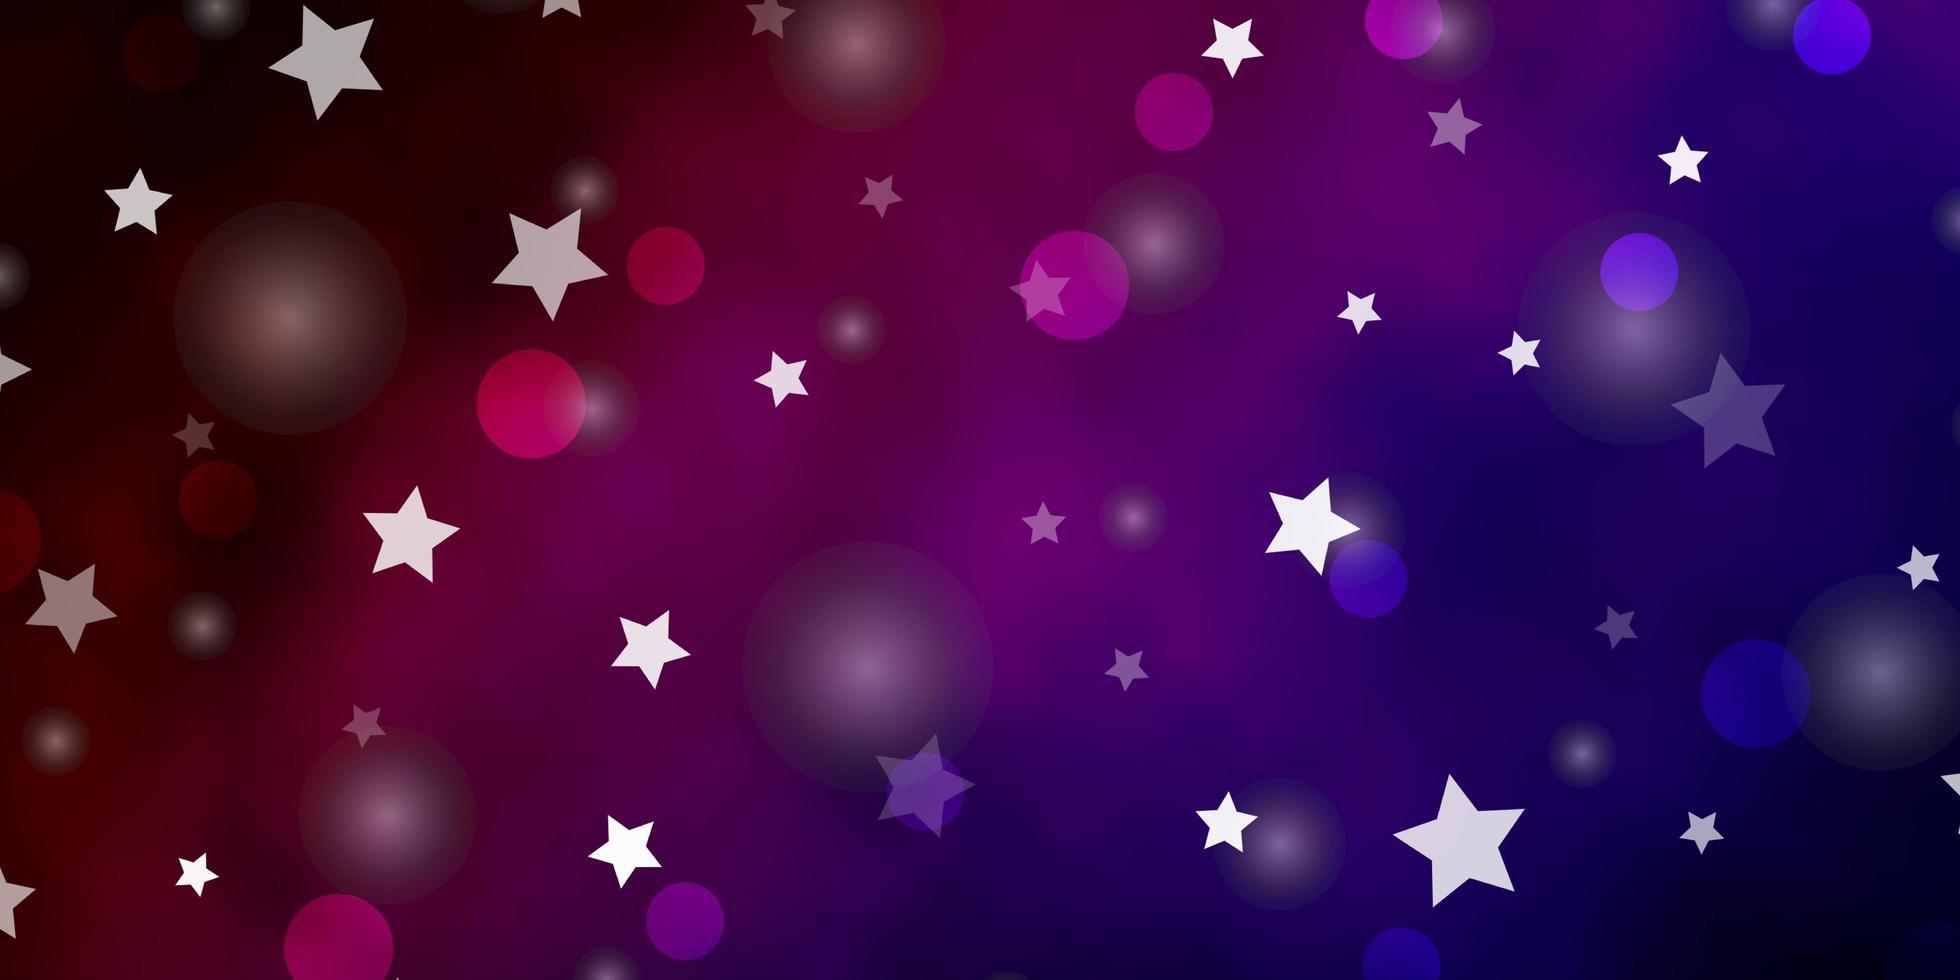 plantilla de vector azul oscuro, rojo con círculos, estrellas.